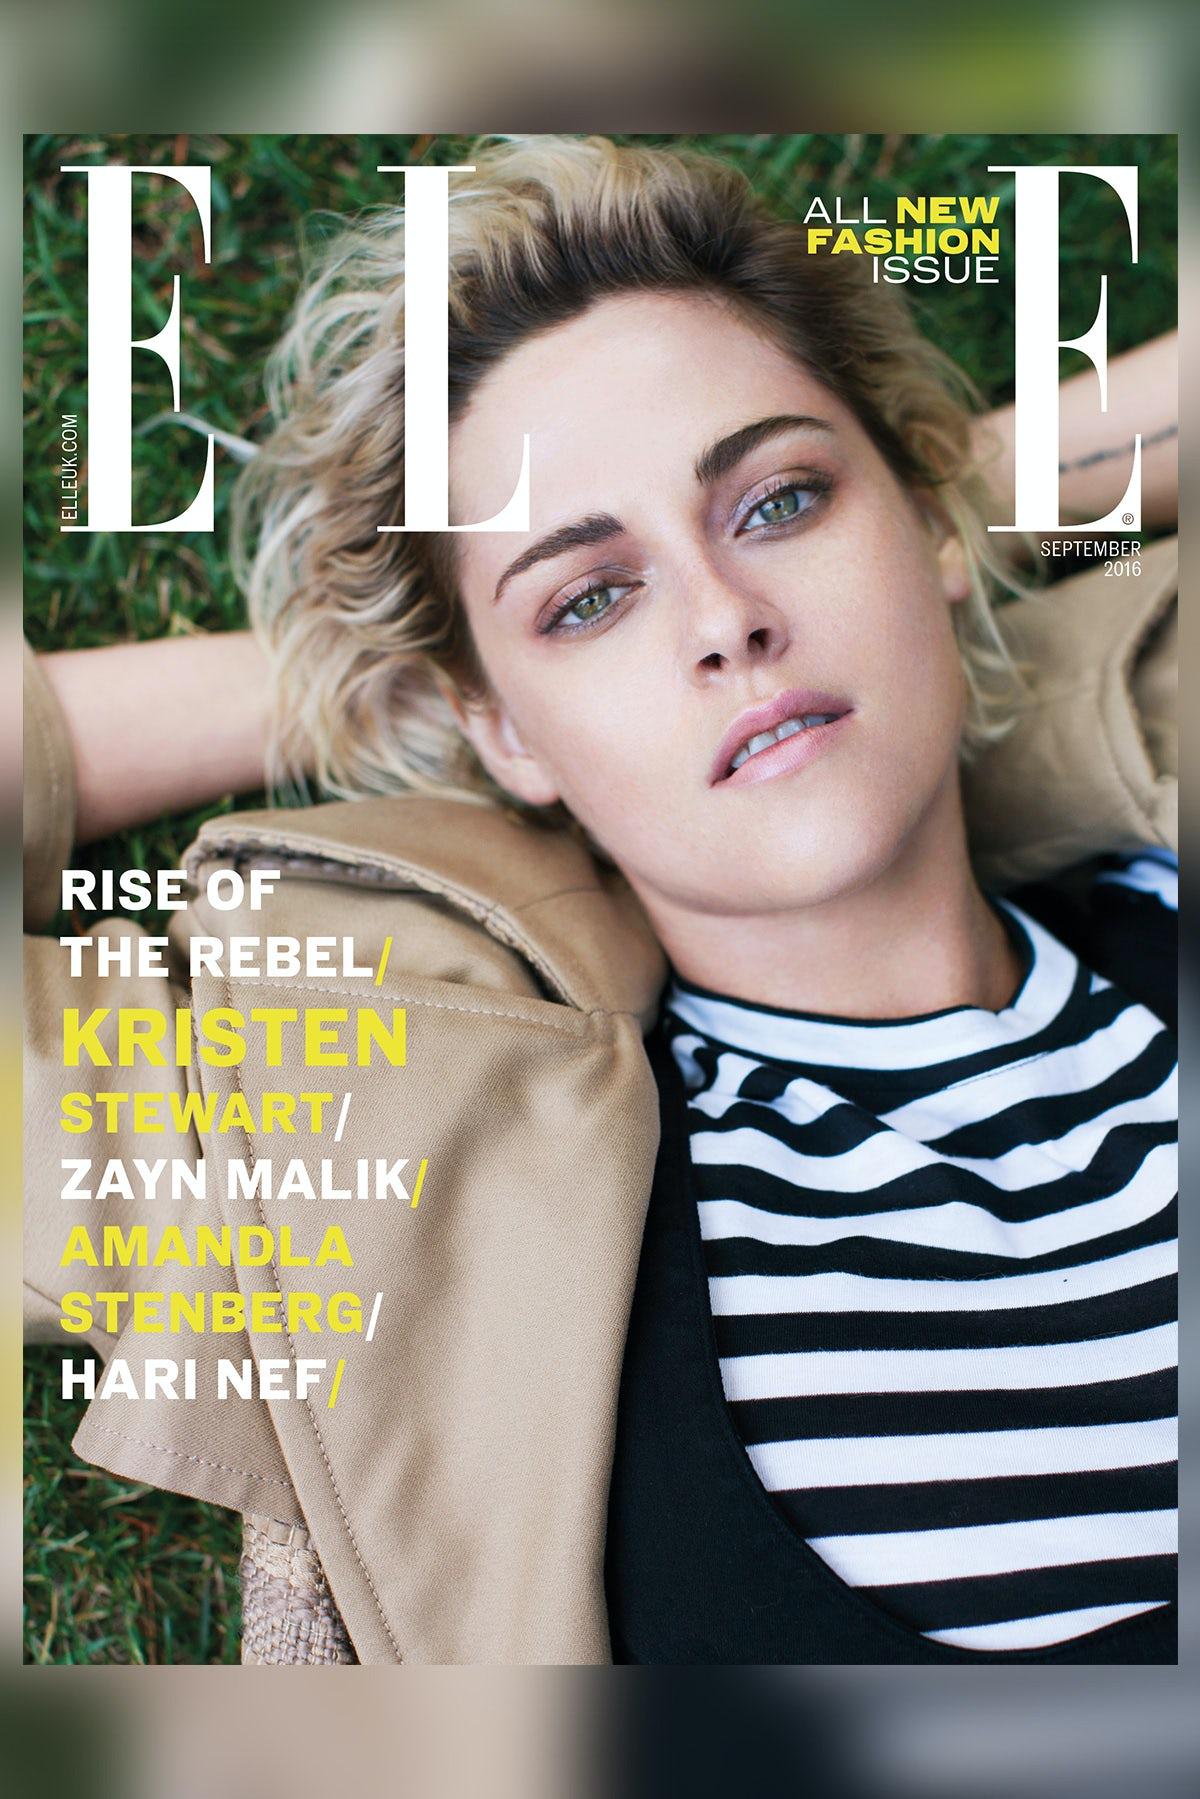 Kristen Stewart on the cover of Elle UK's September 2016 issue | Source: Courtesy